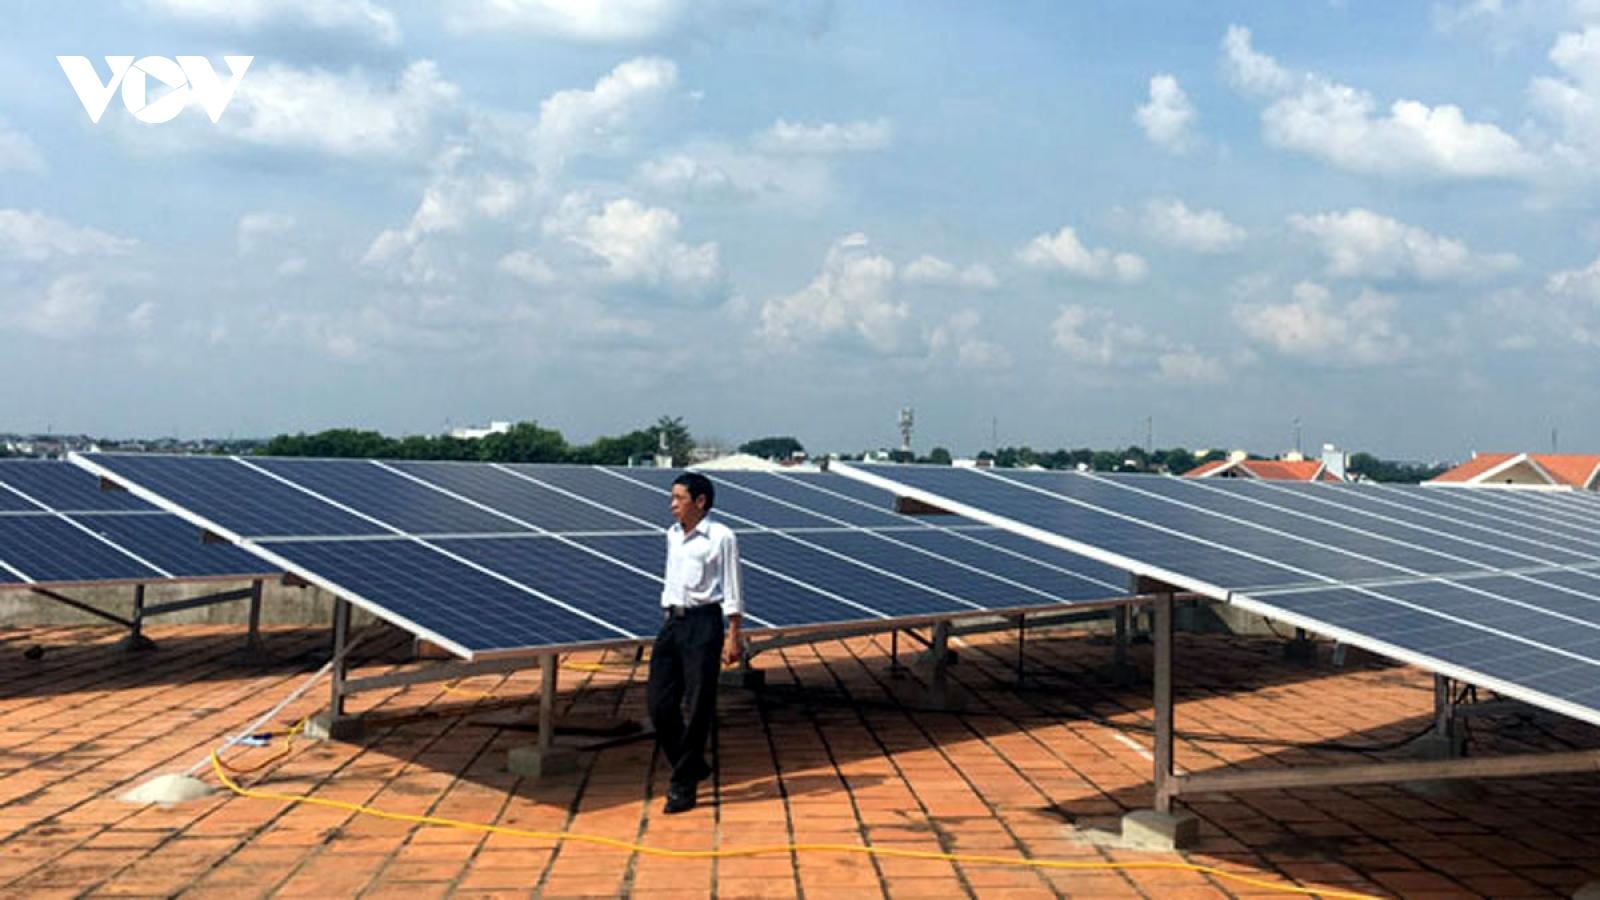 Tổng công suất lắp đặt điện mặt trời mái nhà đạt gần 9.300 MWp